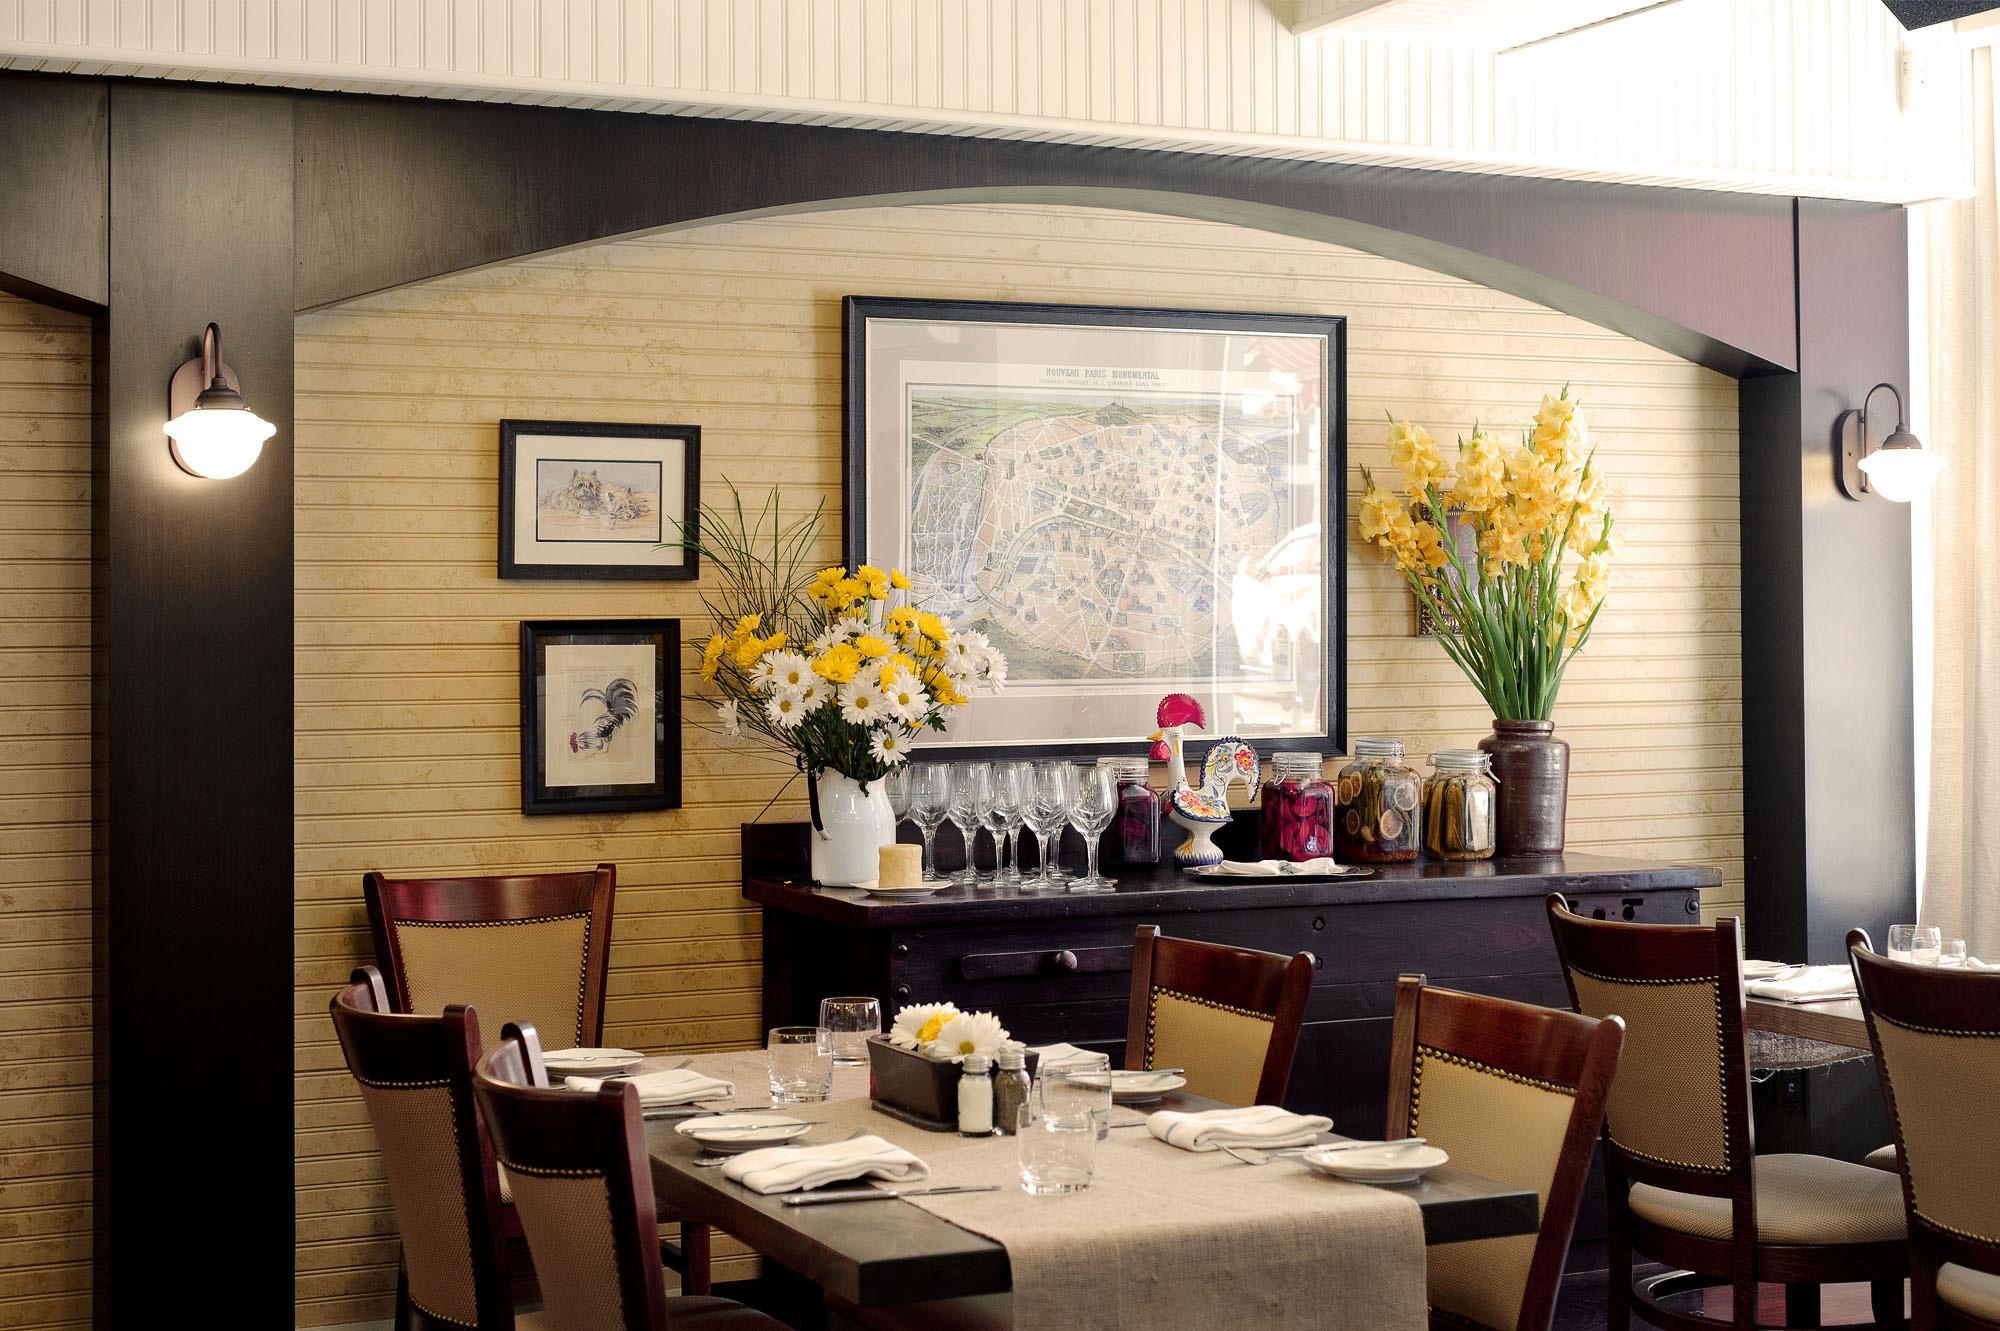 interior-design-french-restaurant-tables-flowers.jpg